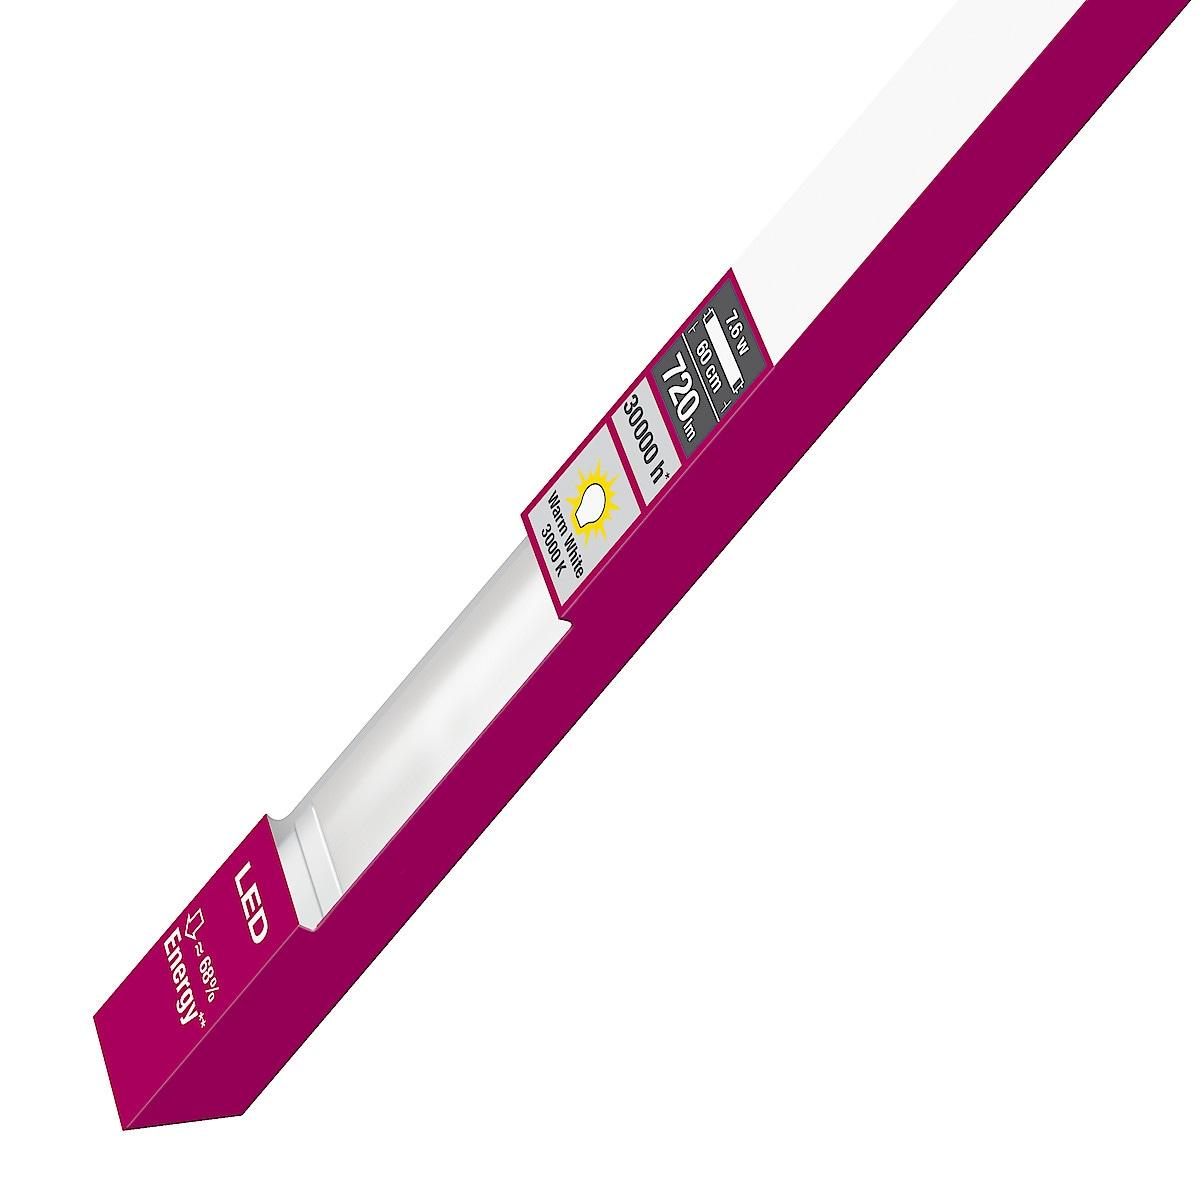 Osram SubstiTube T8 LED-lysrør 7,6 W 600 mm